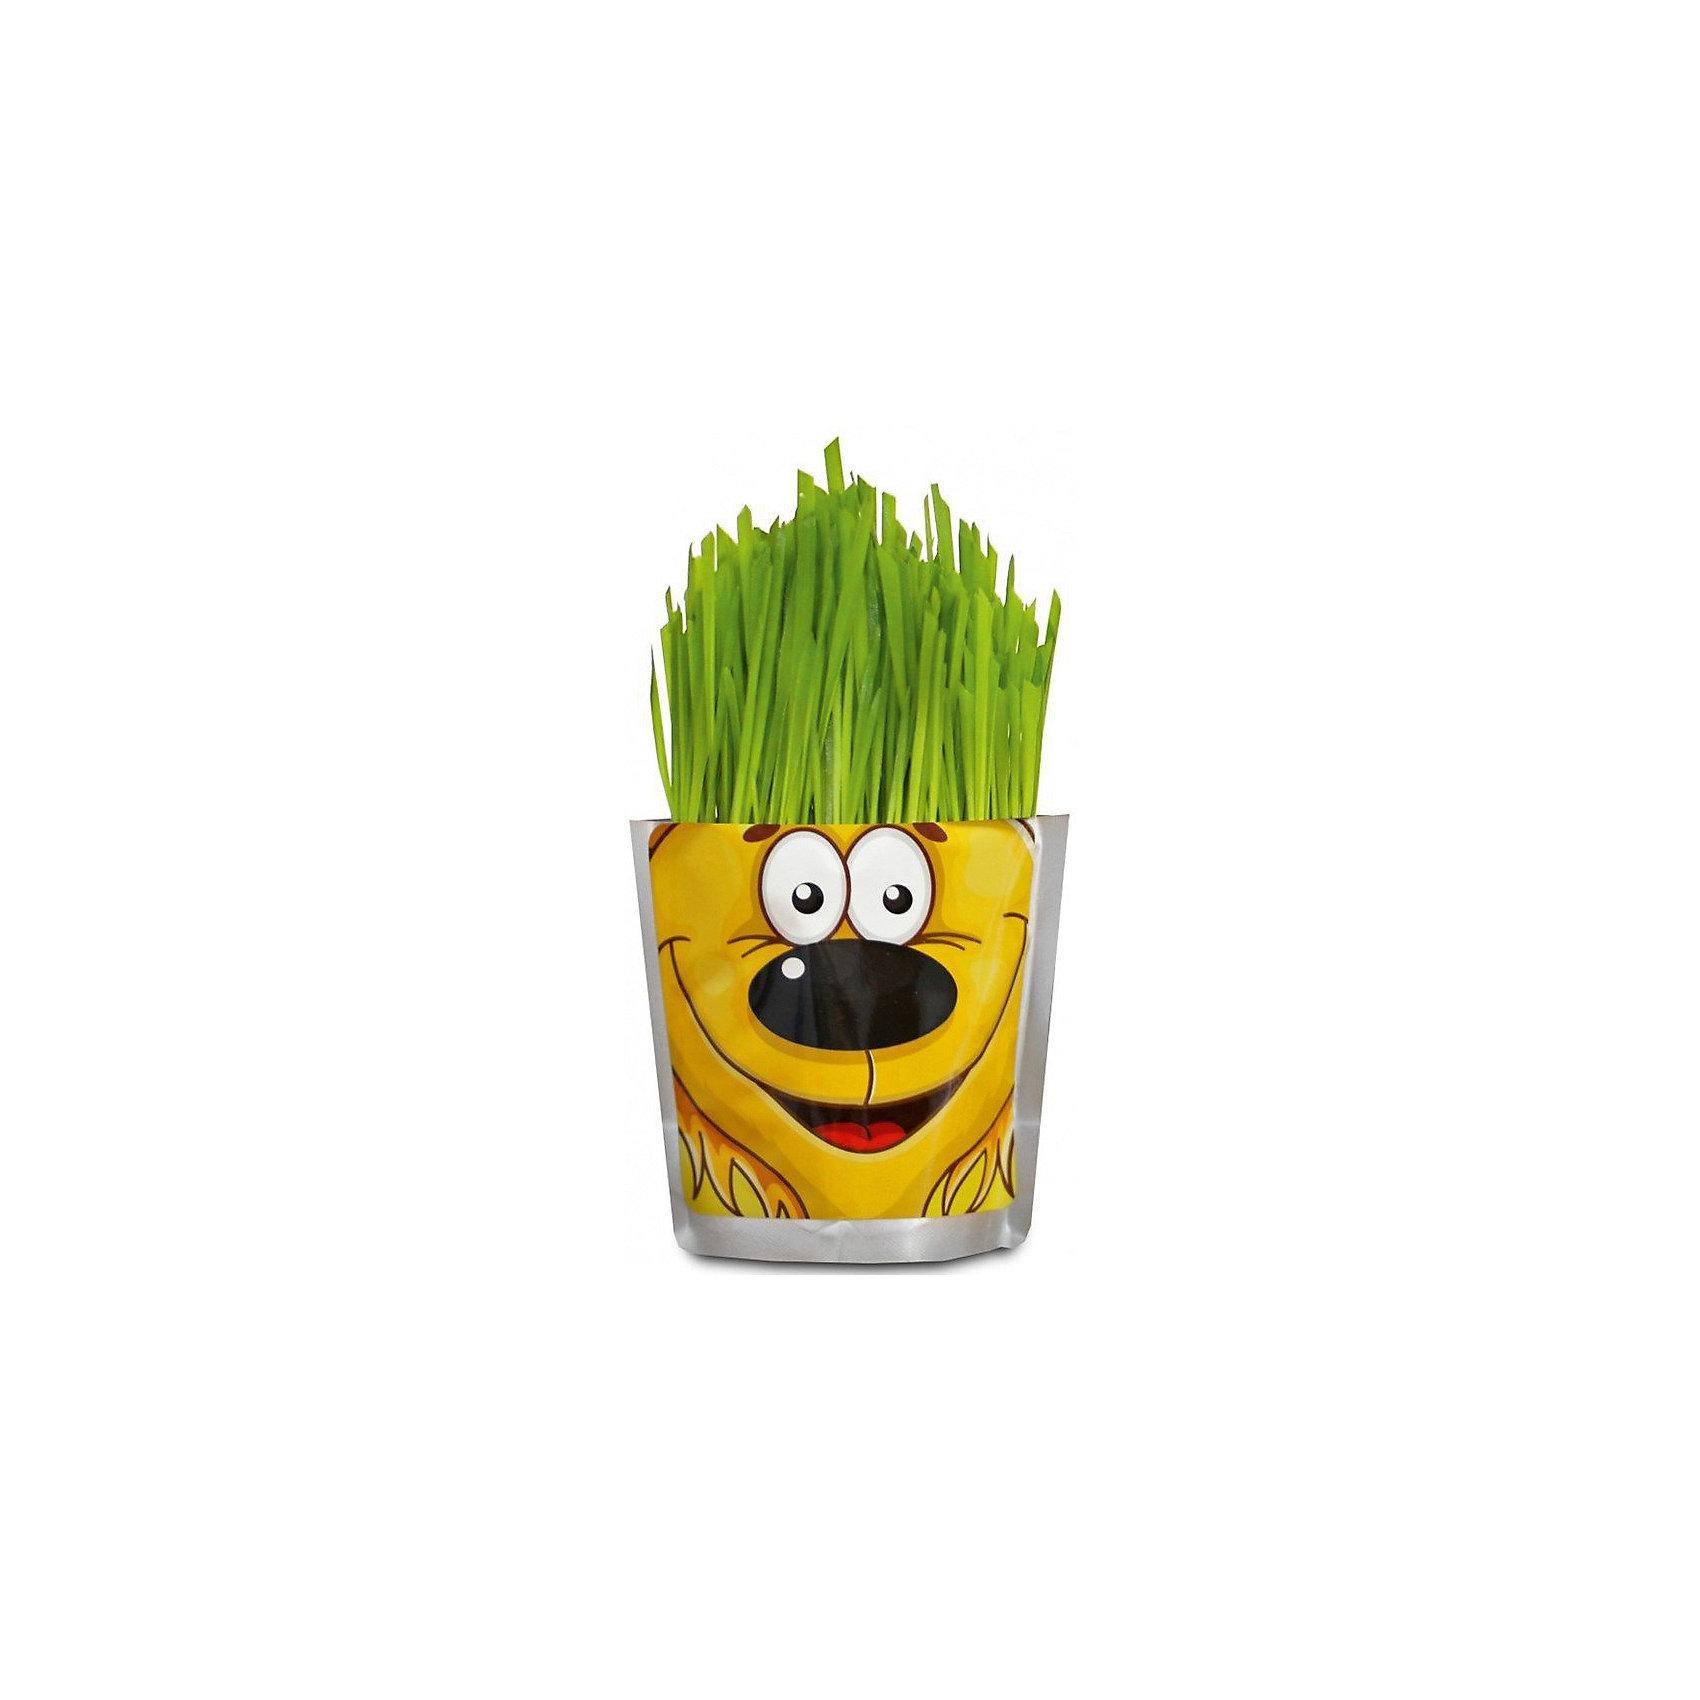 Набор для выращивания Сафари - Львенок Happy PlantНаборы для выращивания растений<br>Happy Plant Львенок.<br><br>Характеристики:<br><br>• научит ребенка выращивать растения и ухаживать за ними<br>• развивает фантазию <br>• яркий оригинальный дизайн<br>• качественные семена<br>• в комплекте: пакет-горшочек, органический субстрат для посадки, семена, лопатка, инструкция<br>• размер: 18х13 см<br>• объем: 500 мл<br>• Вес: 230 грамм<br><br>Забавный Львенок научит ребенка ухаживать за растениями. С помощью инструкции ребенок с радостью посадит семена и будет наблюдать за ростом травки. Ее можно подстригать, придавая различные формы. Кроме того, Вы сможете придумывать львенку различные прически. Такой веселый львенок должен быть у каждого юного садовода!<br><br>Happy Plant Львенок, Вы можете купить в нашем интернет-магазине.<br><br>Ширина мм: 180<br>Глубина мм: 130<br>Высота мм: 80<br>Вес г: 230<br>Возраст от месяцев: 168<br>Возраст до месяцев: 240<br>Пол: Унисекс<br>Возраст: Детский<br>SKU: 5053996